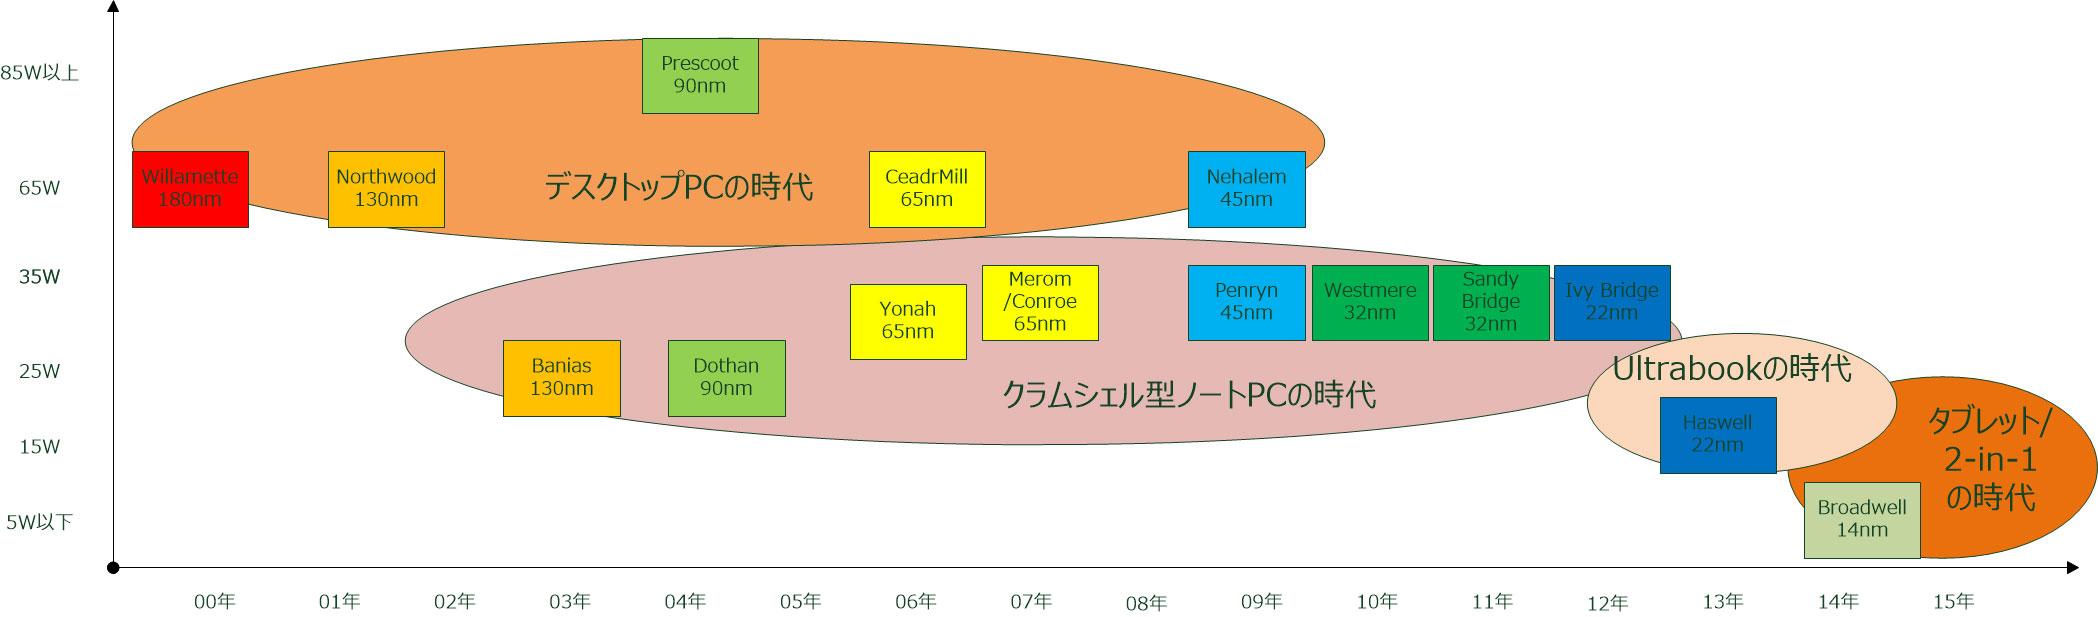 【図1】Intelのプロセッサのメインボリュームの歴史(筆者作成)